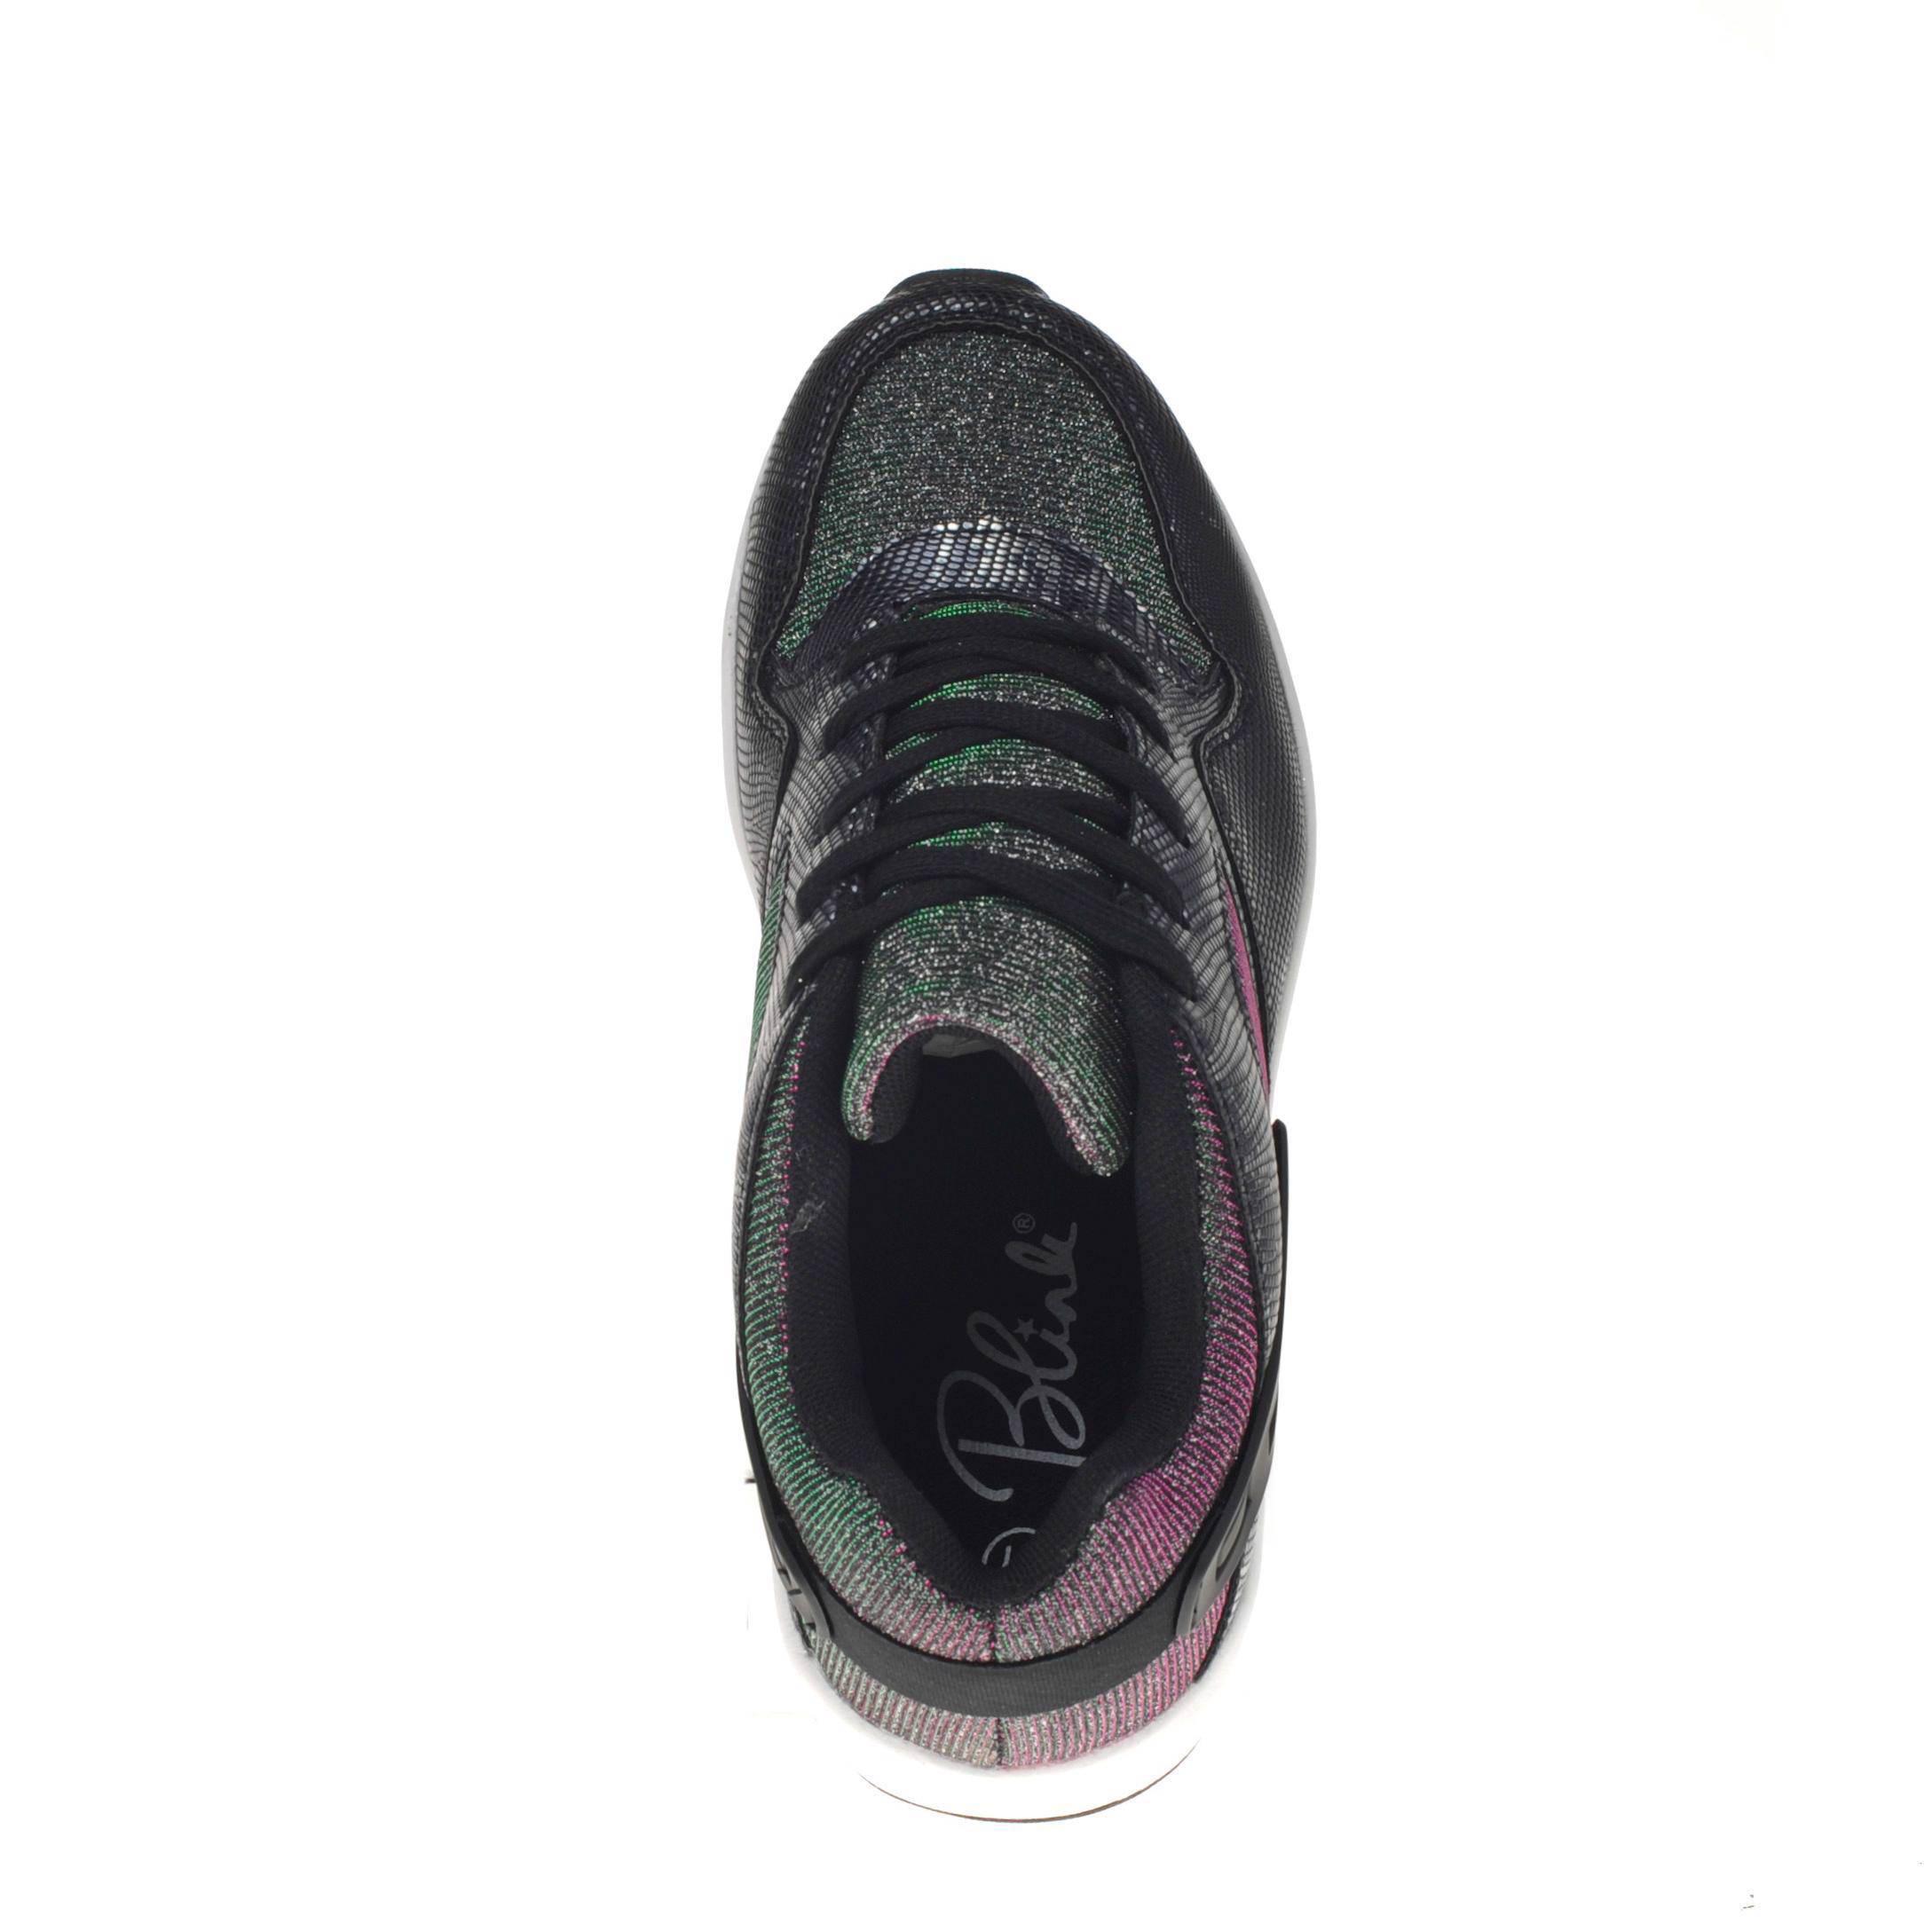 Schoenen Nike Verkleuren De Licht Nl lJT1FcK